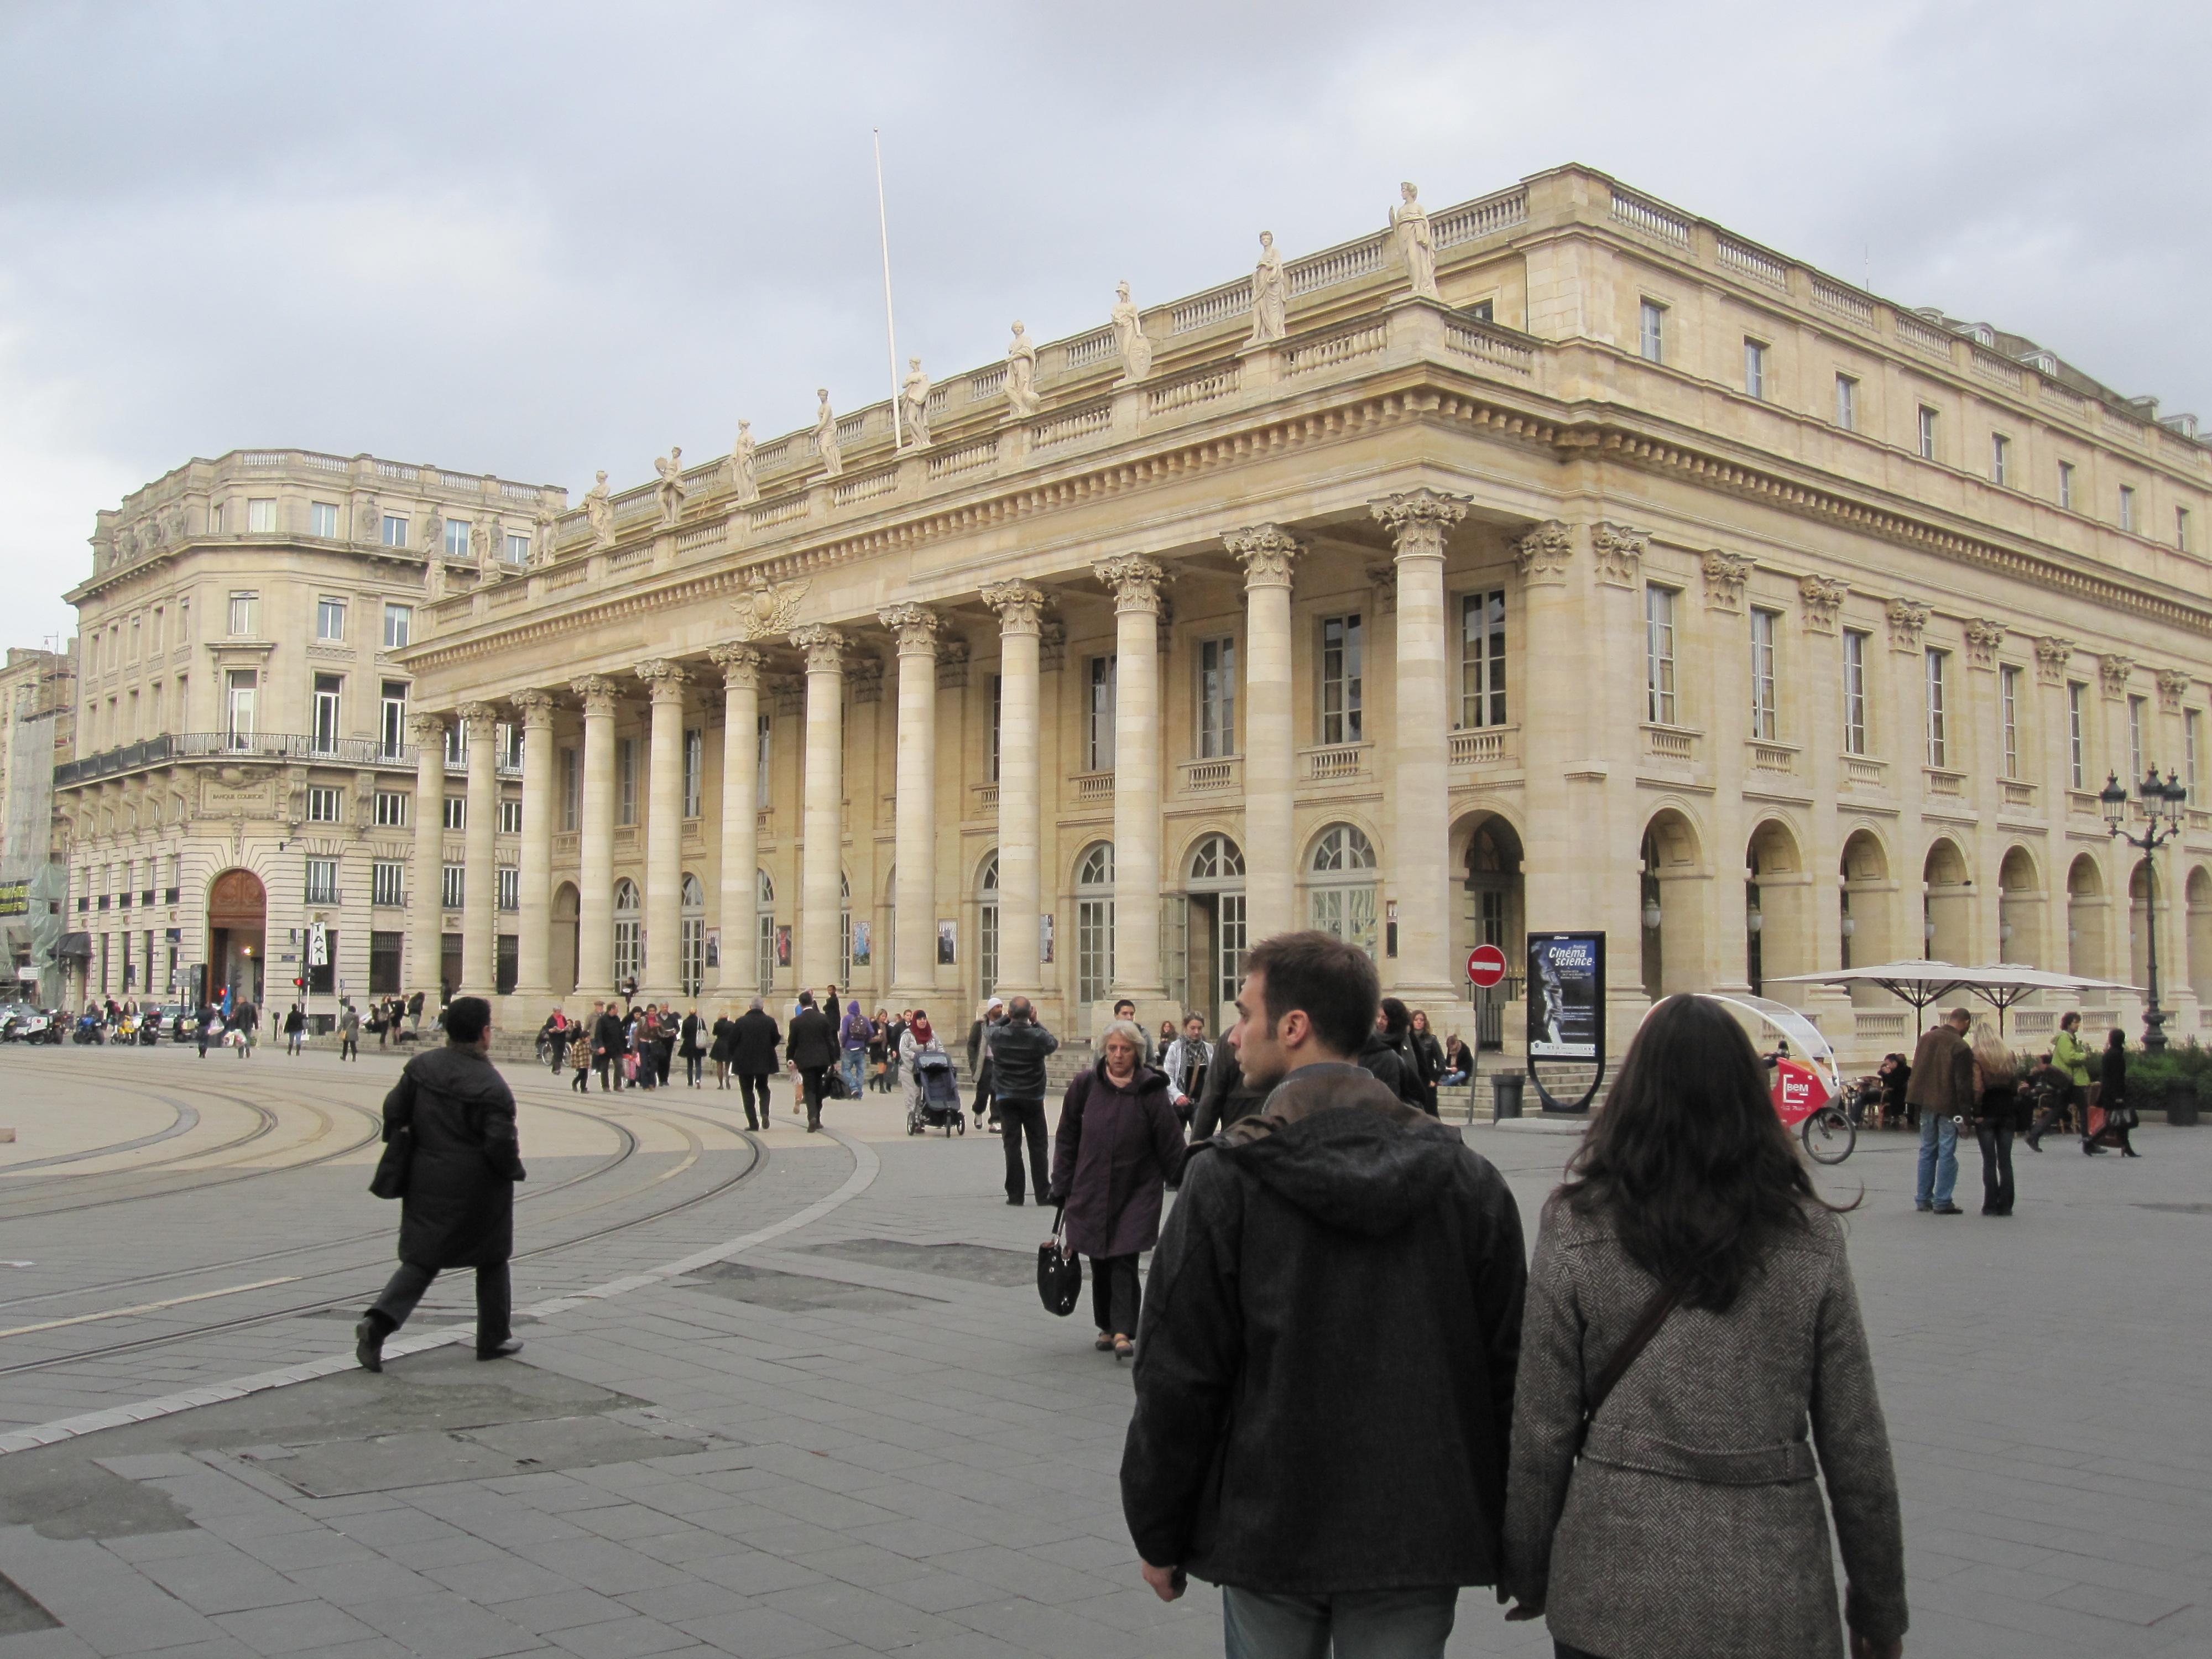 Bordeaux, de plek voor een leuke stedentrip